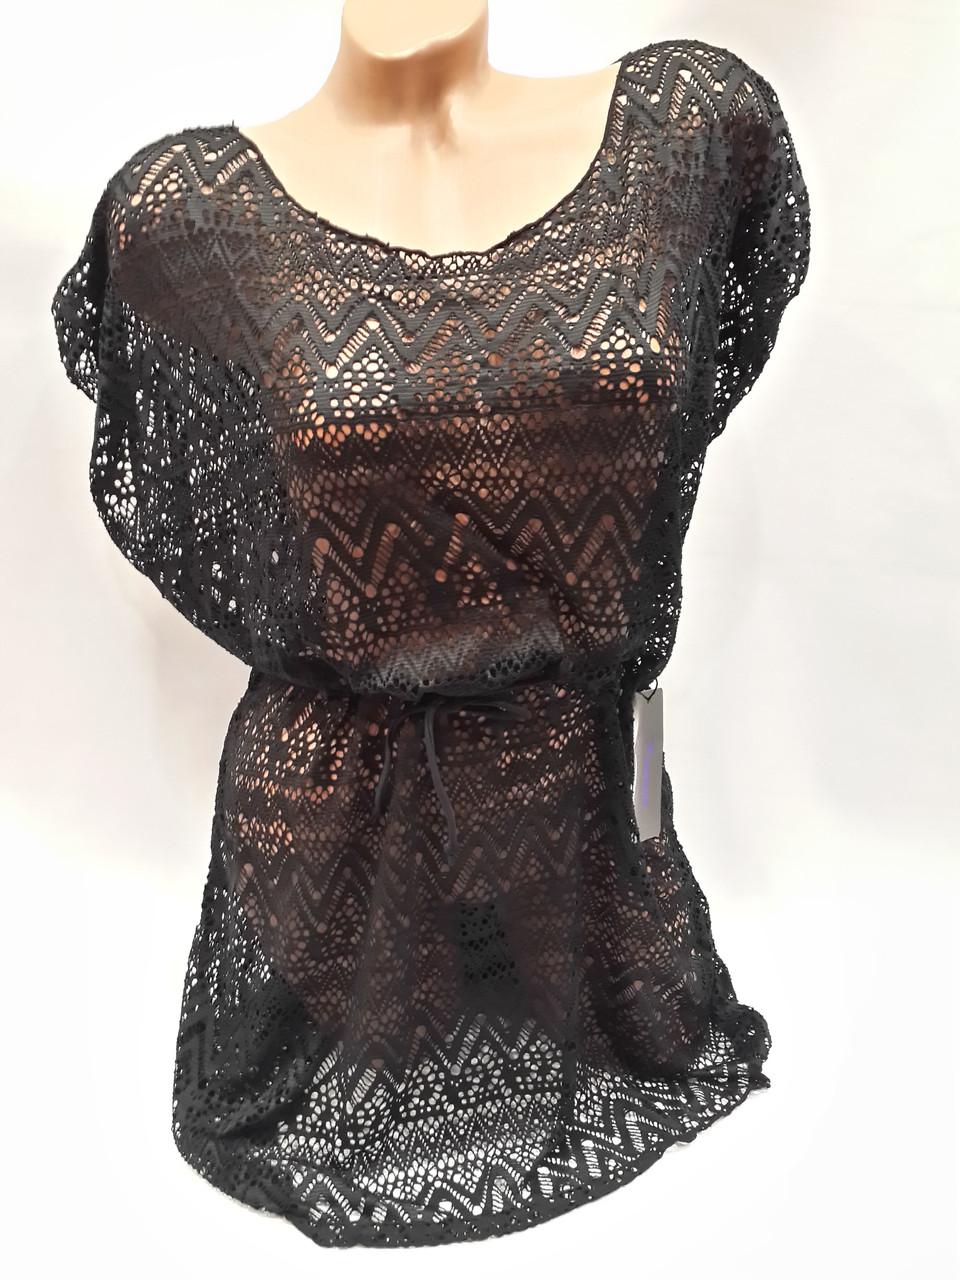 Платье пляжное Келли 1794 черное на наши 48-52 размеры.